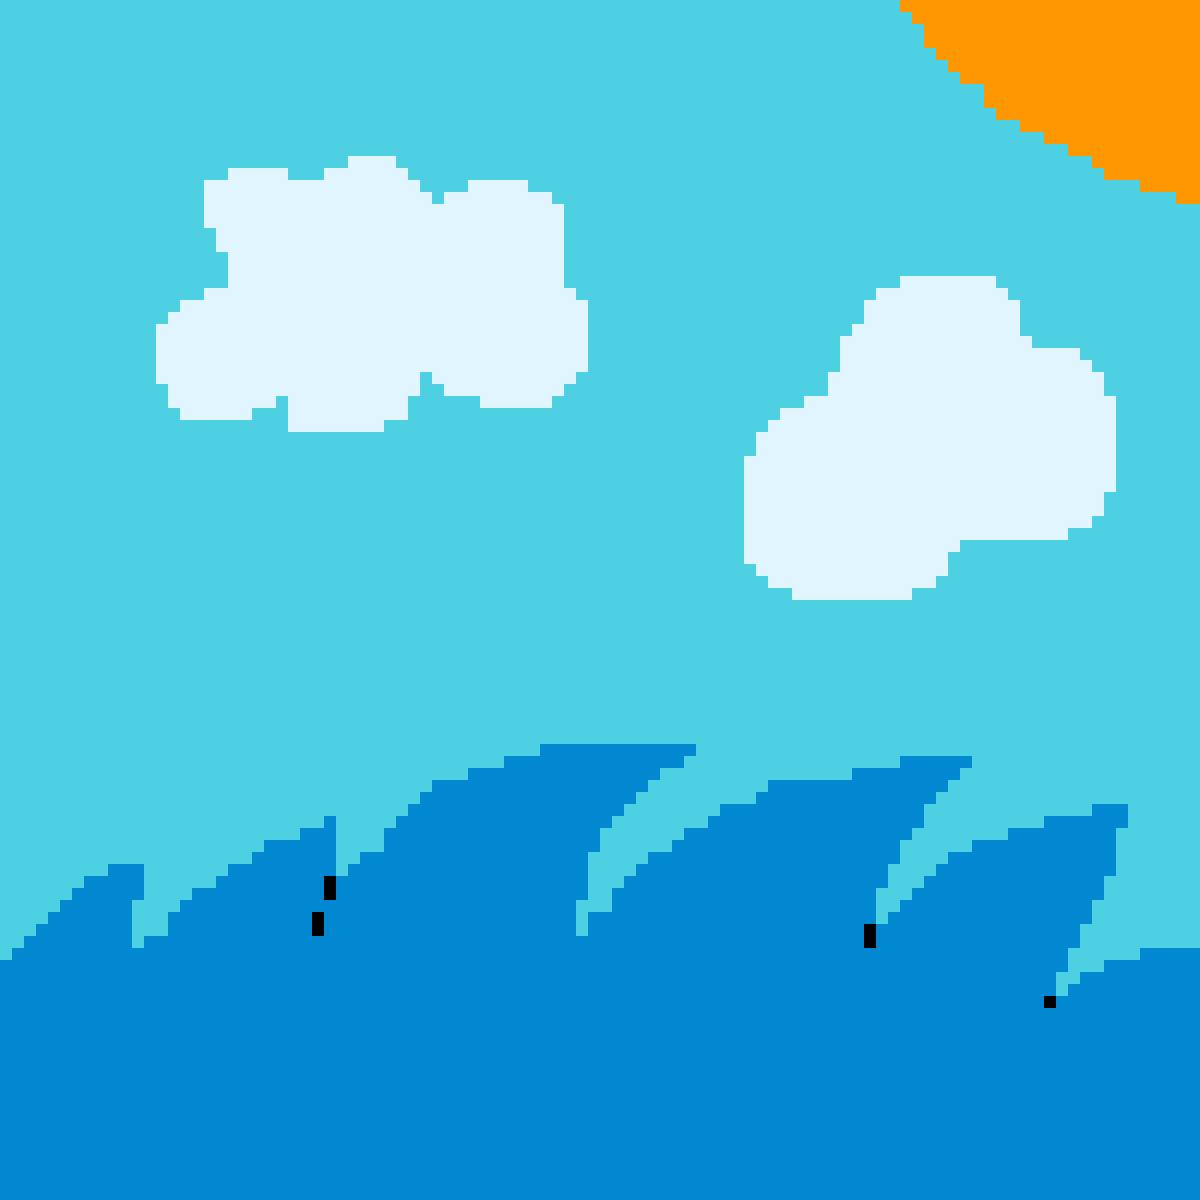 ocean by leylonie